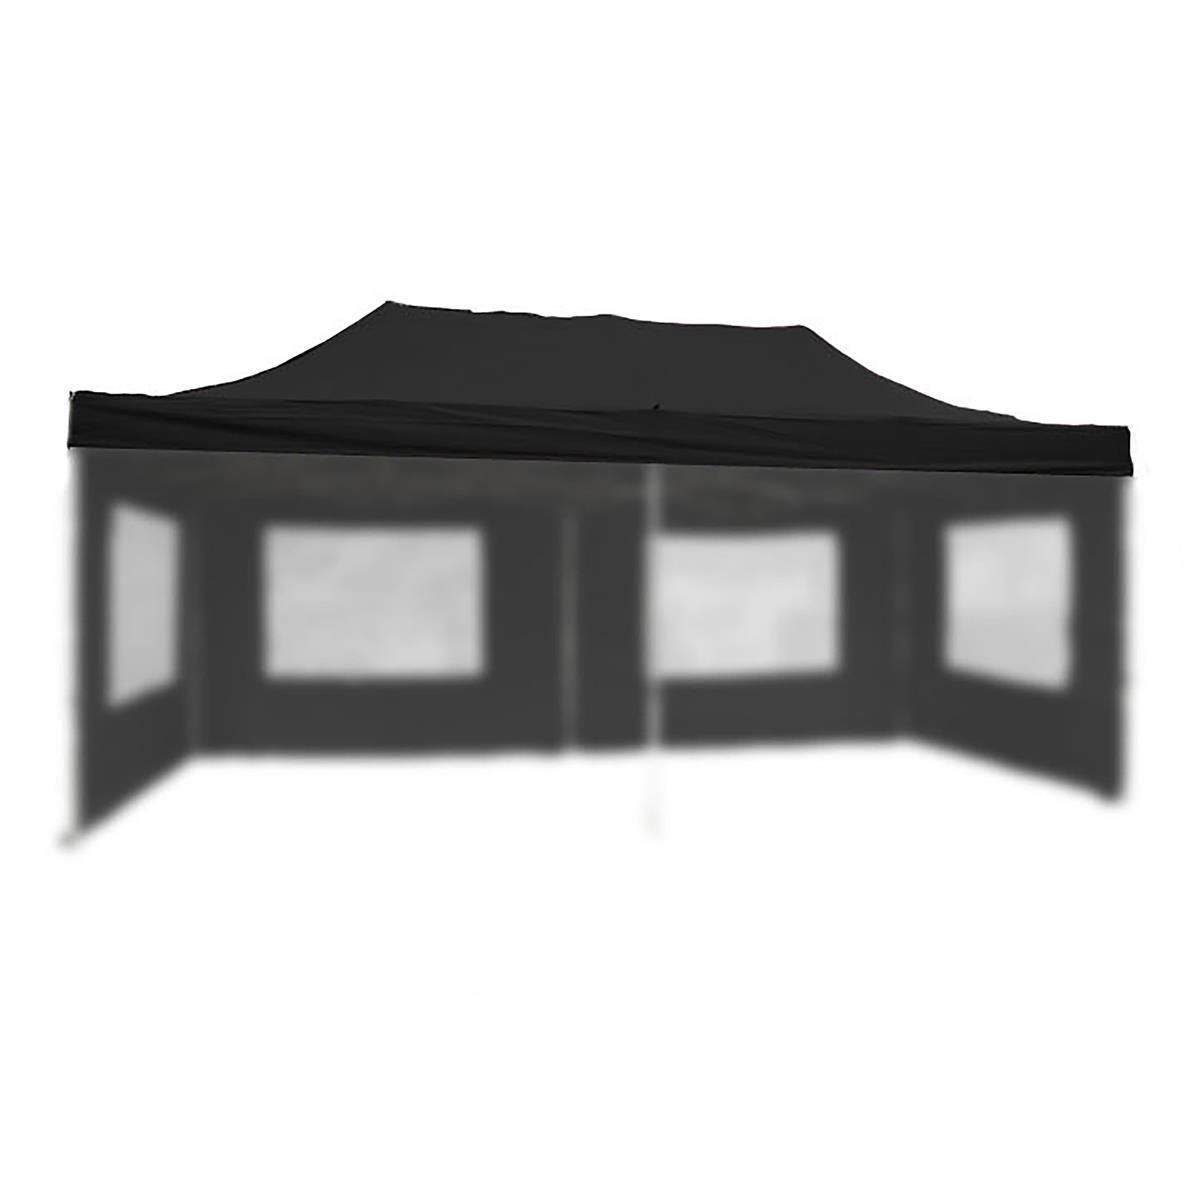 černá střecha